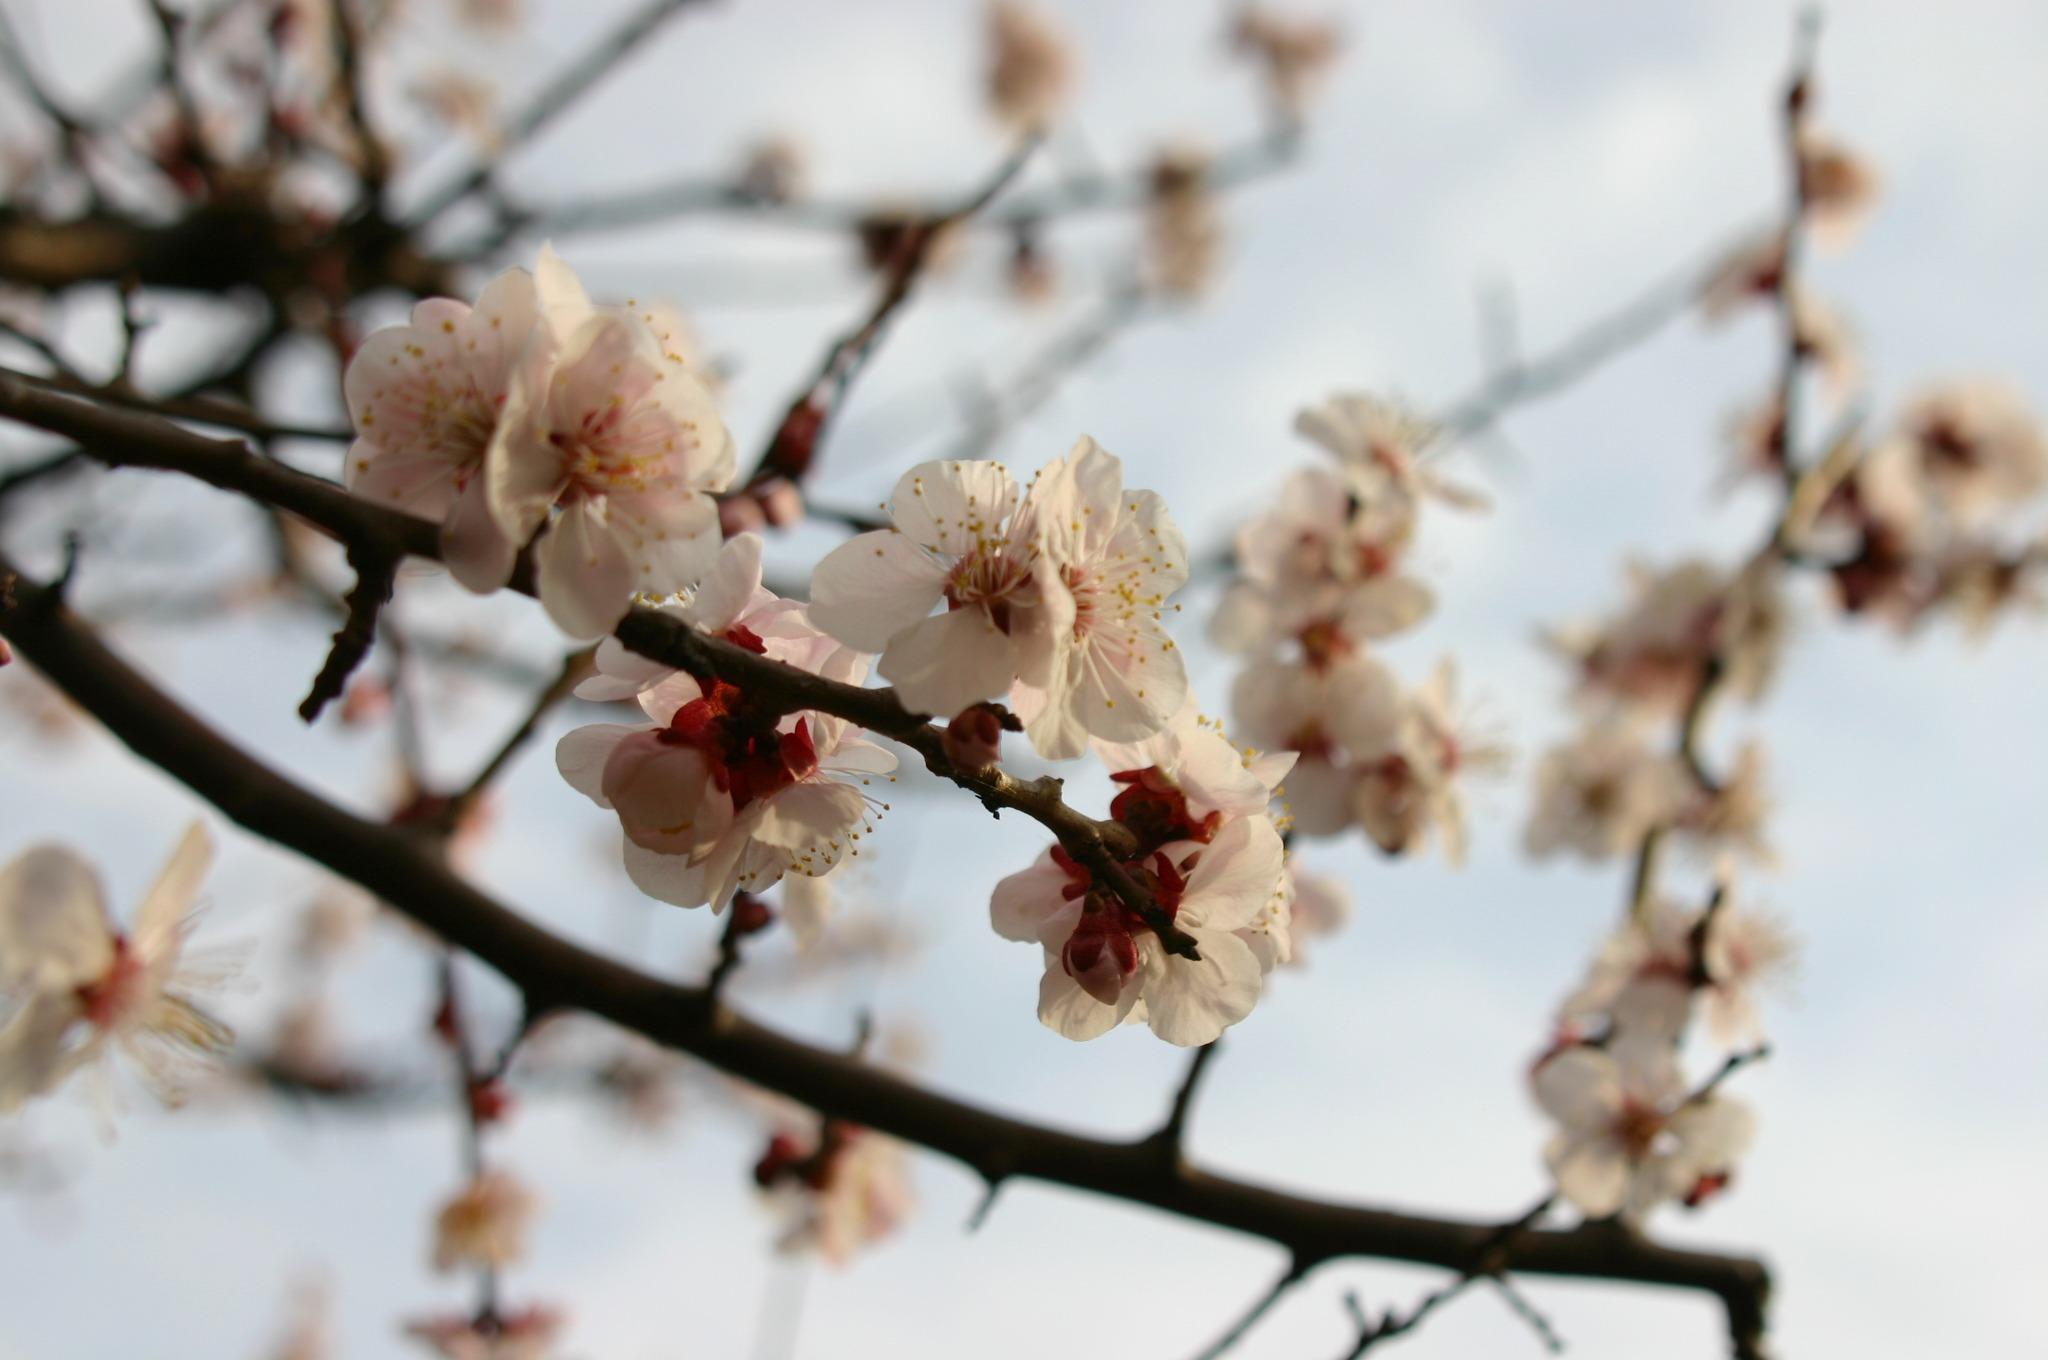 はぁ~ 綺麗だな梅の花って